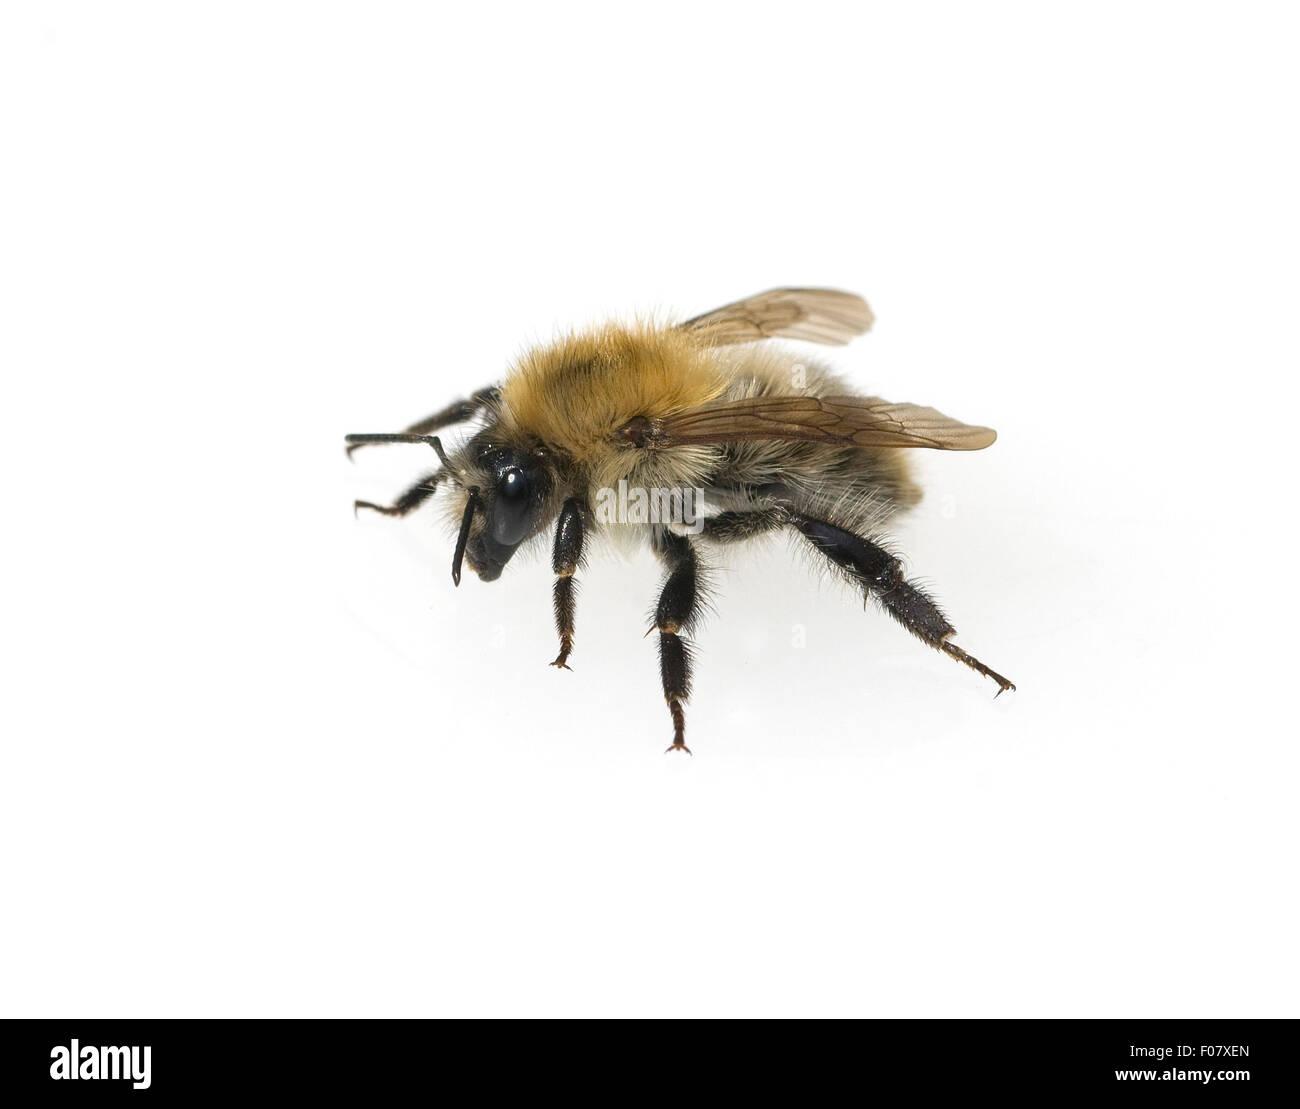 Feldhummel, Bombus ruderatus, - Stock Image